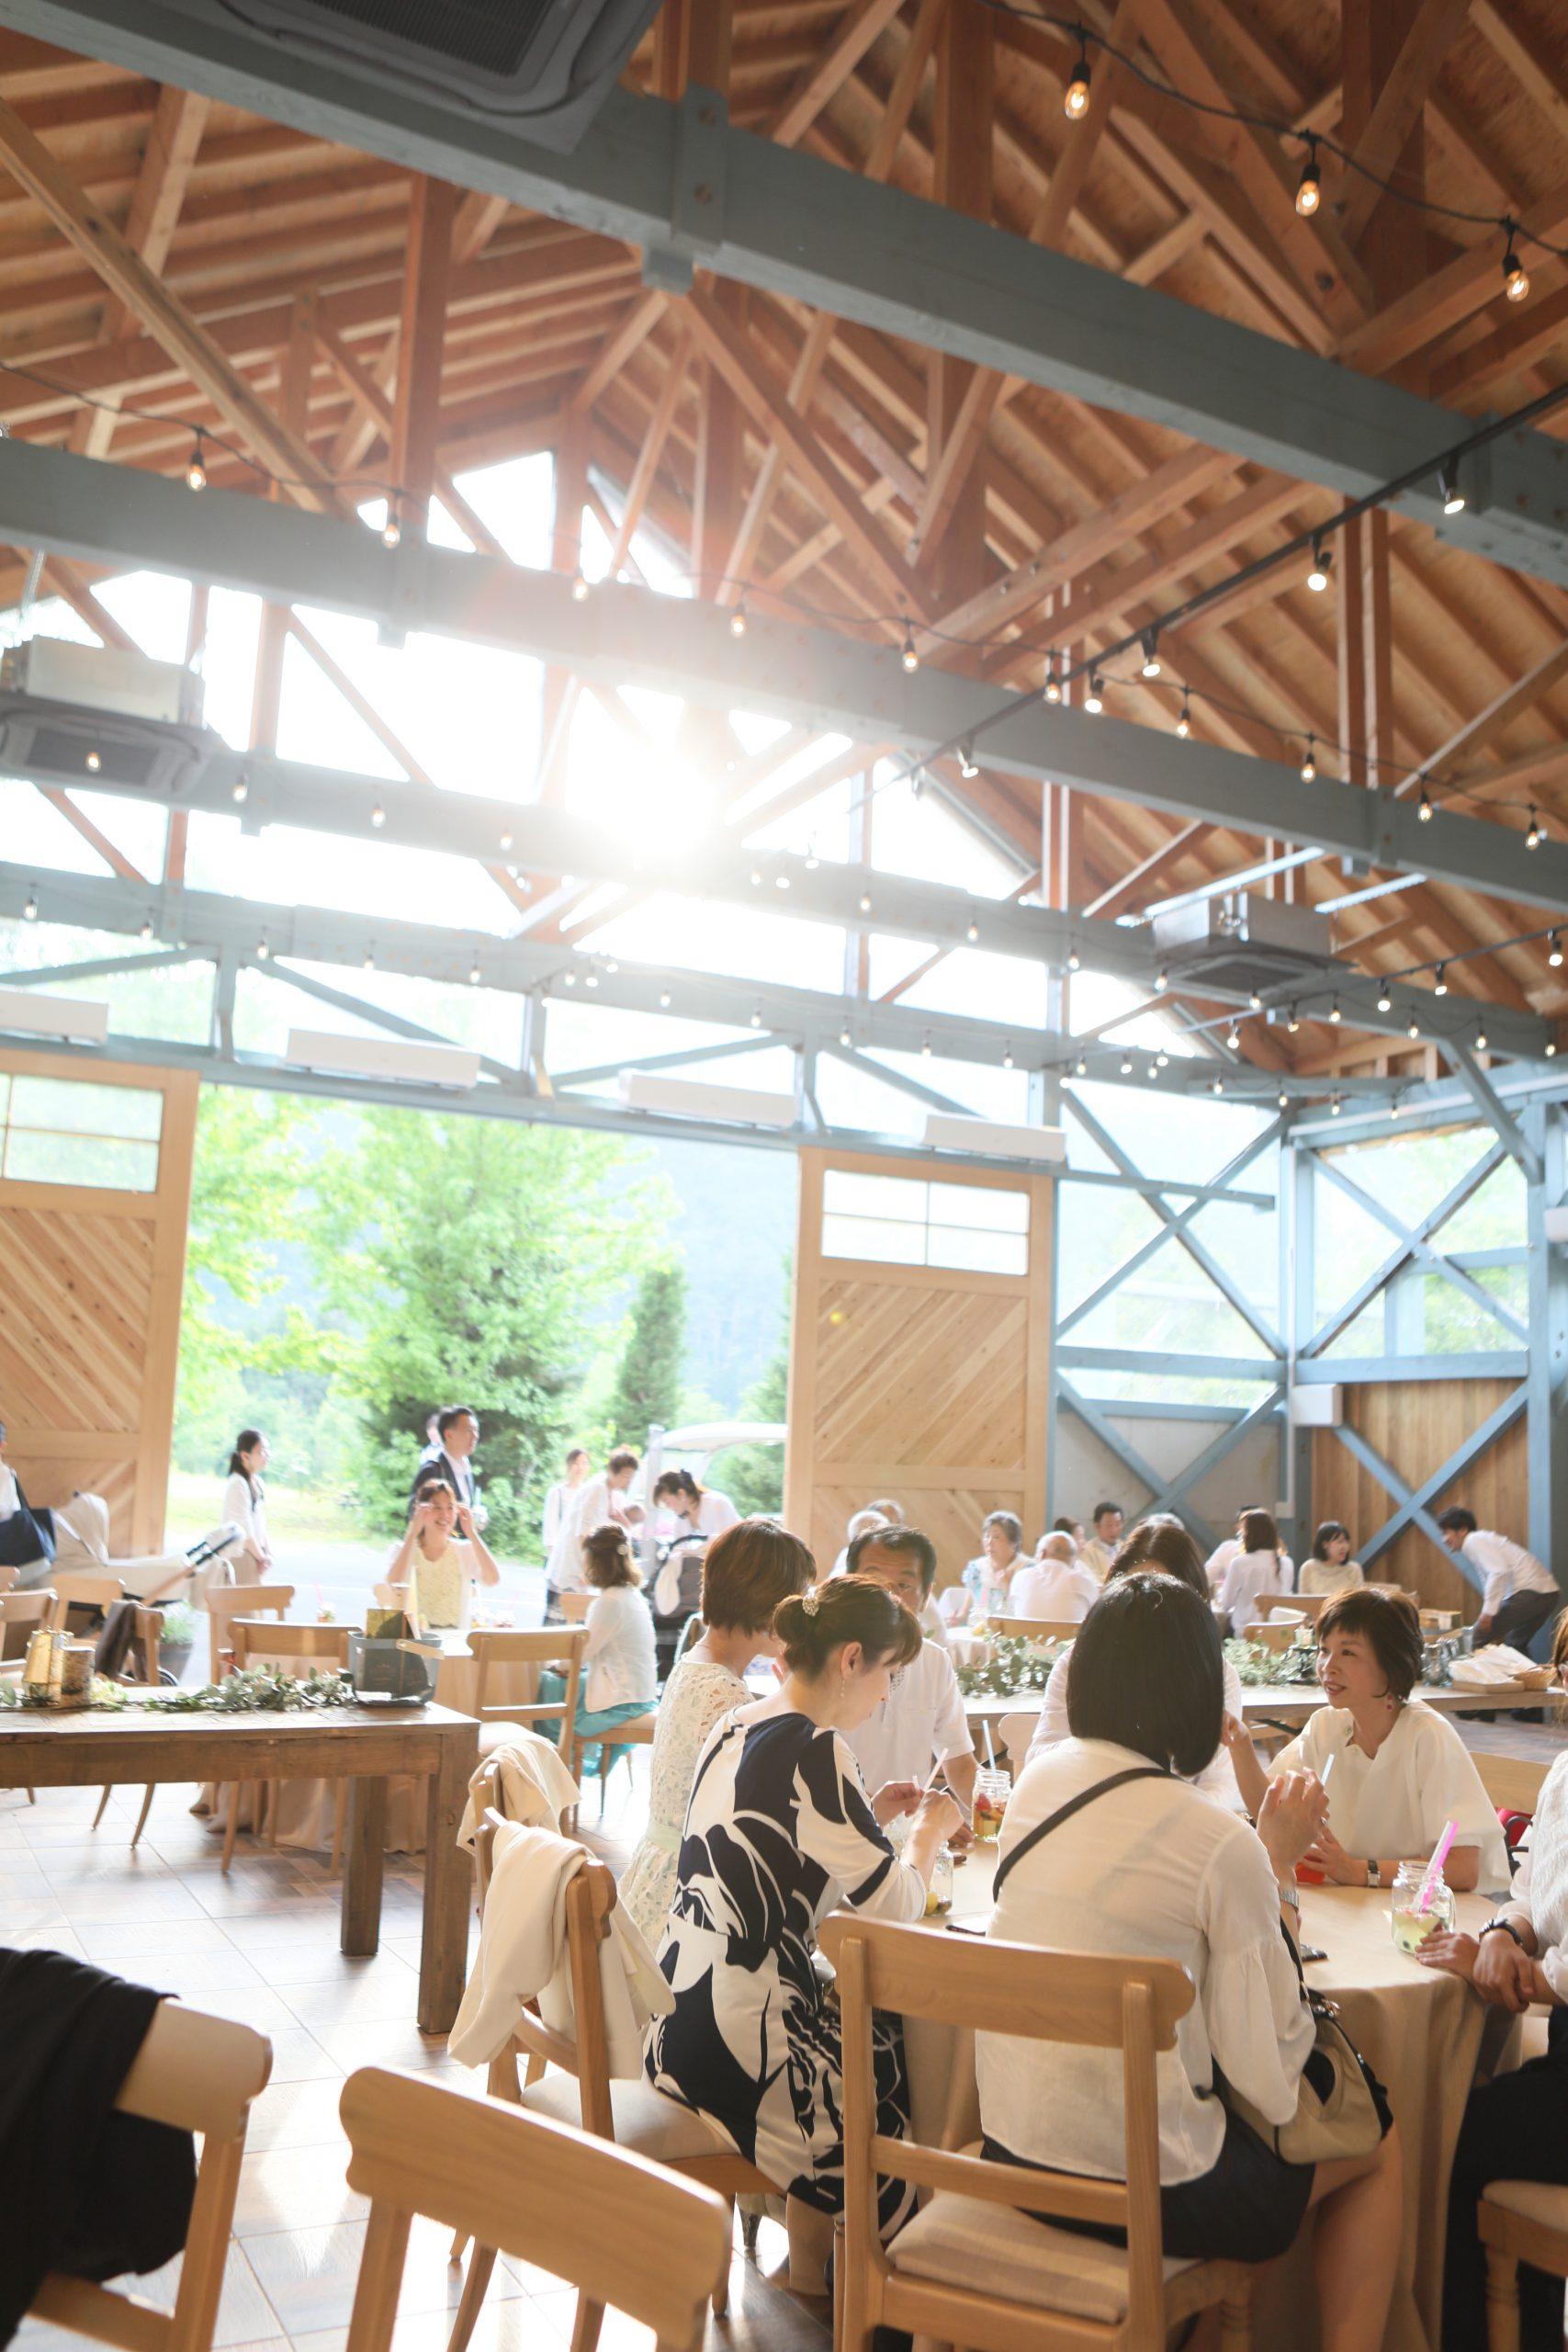 在午後的陽光中,賓客如同參與茶會般放鬆,如同在渡假勝地消磨時光。